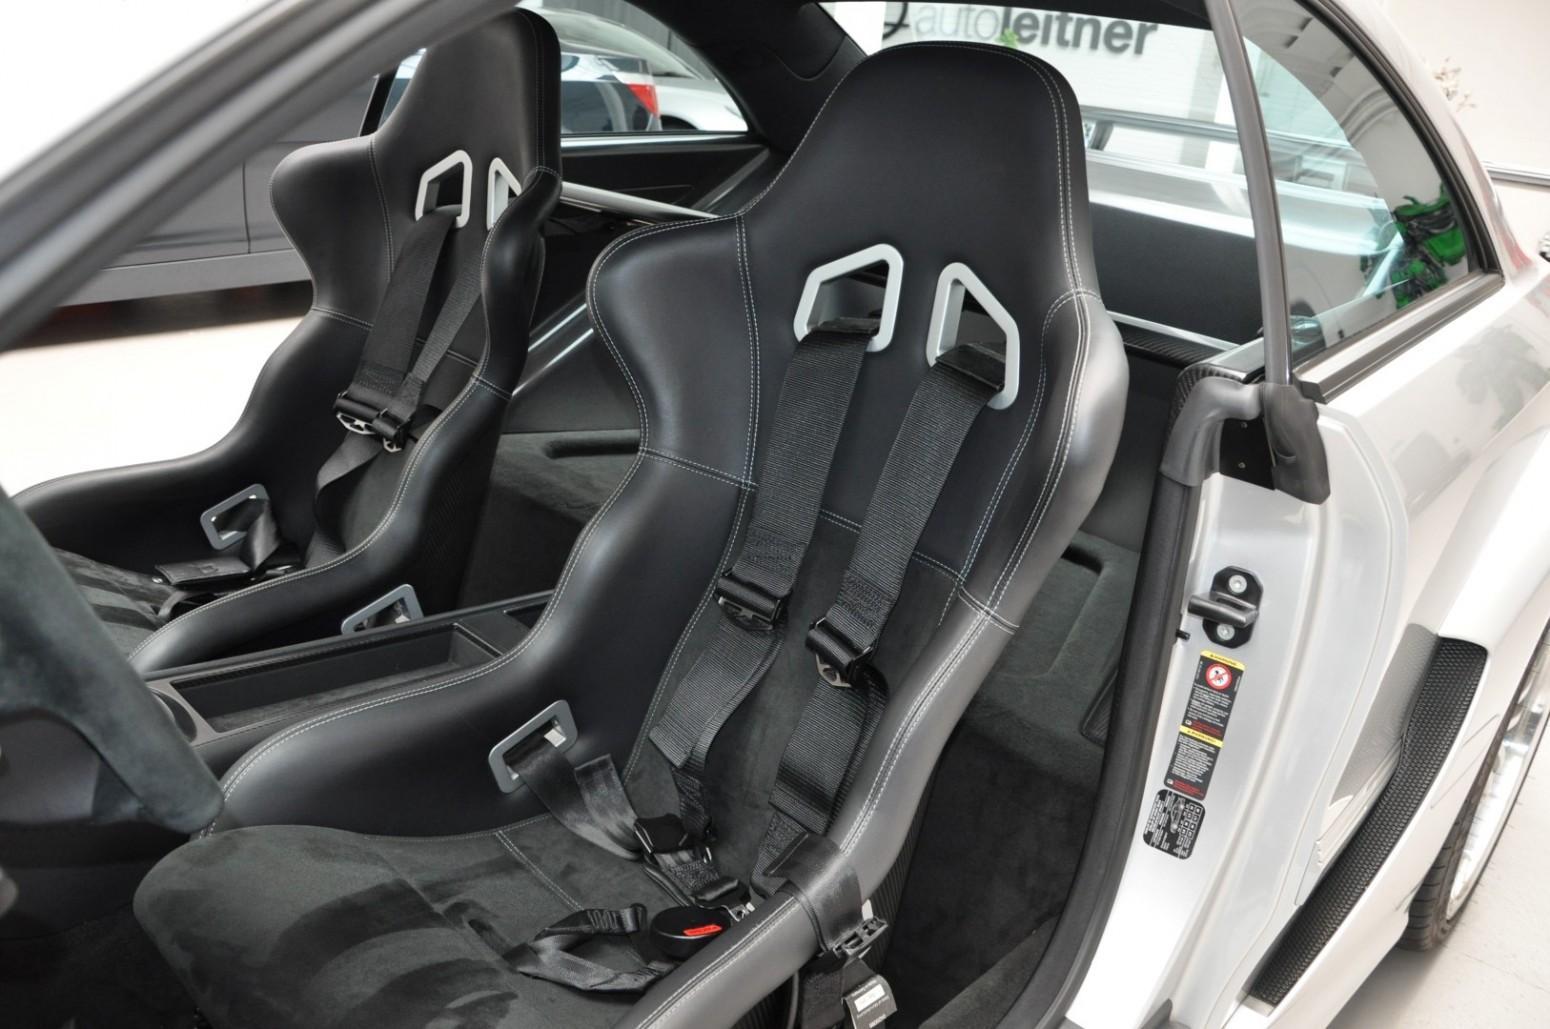 Mercedes CLK DTM kuipstoelen